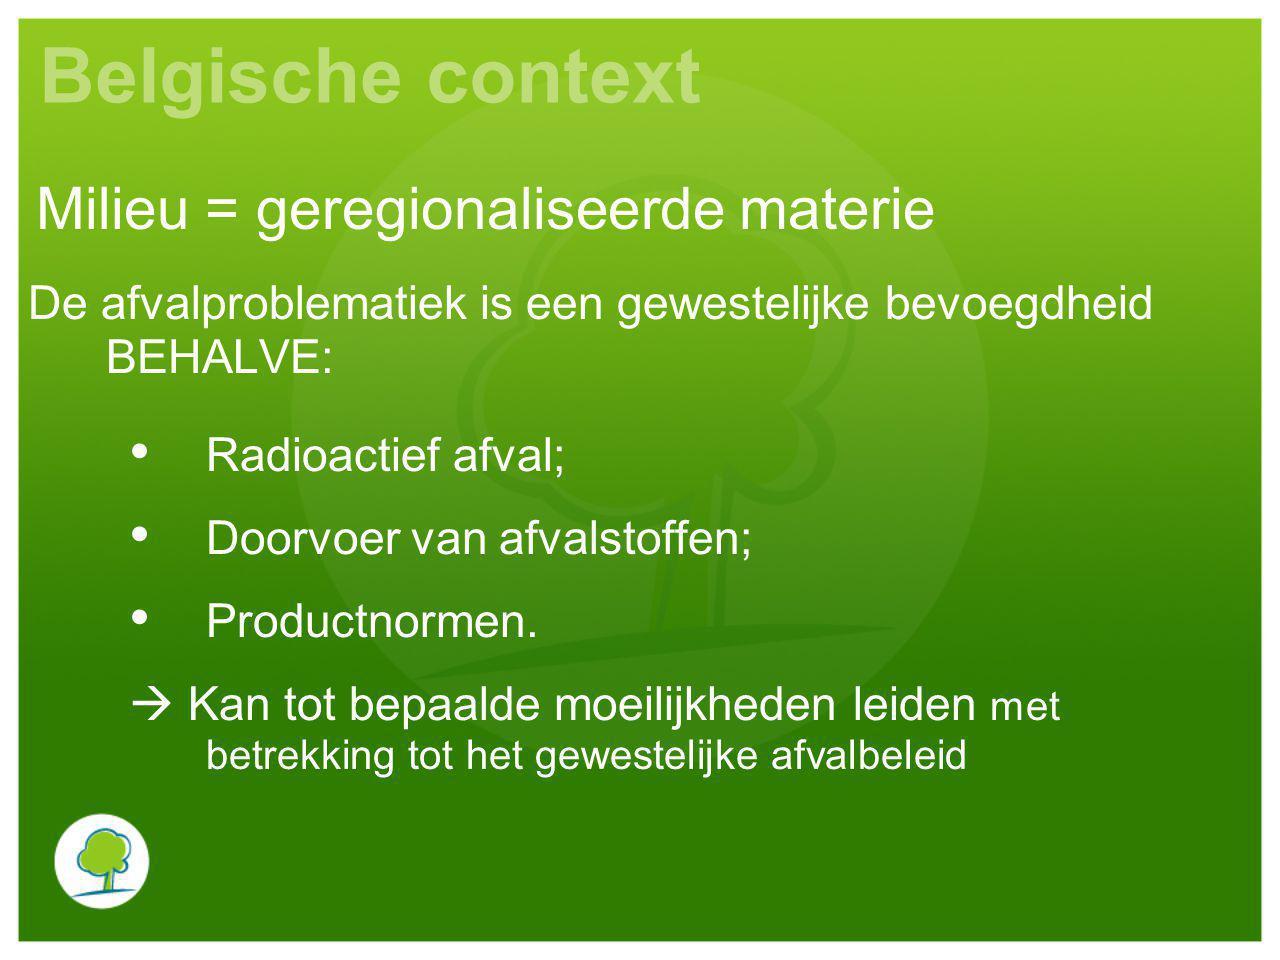 Belgische context Milieu = geregionaliseerde materie